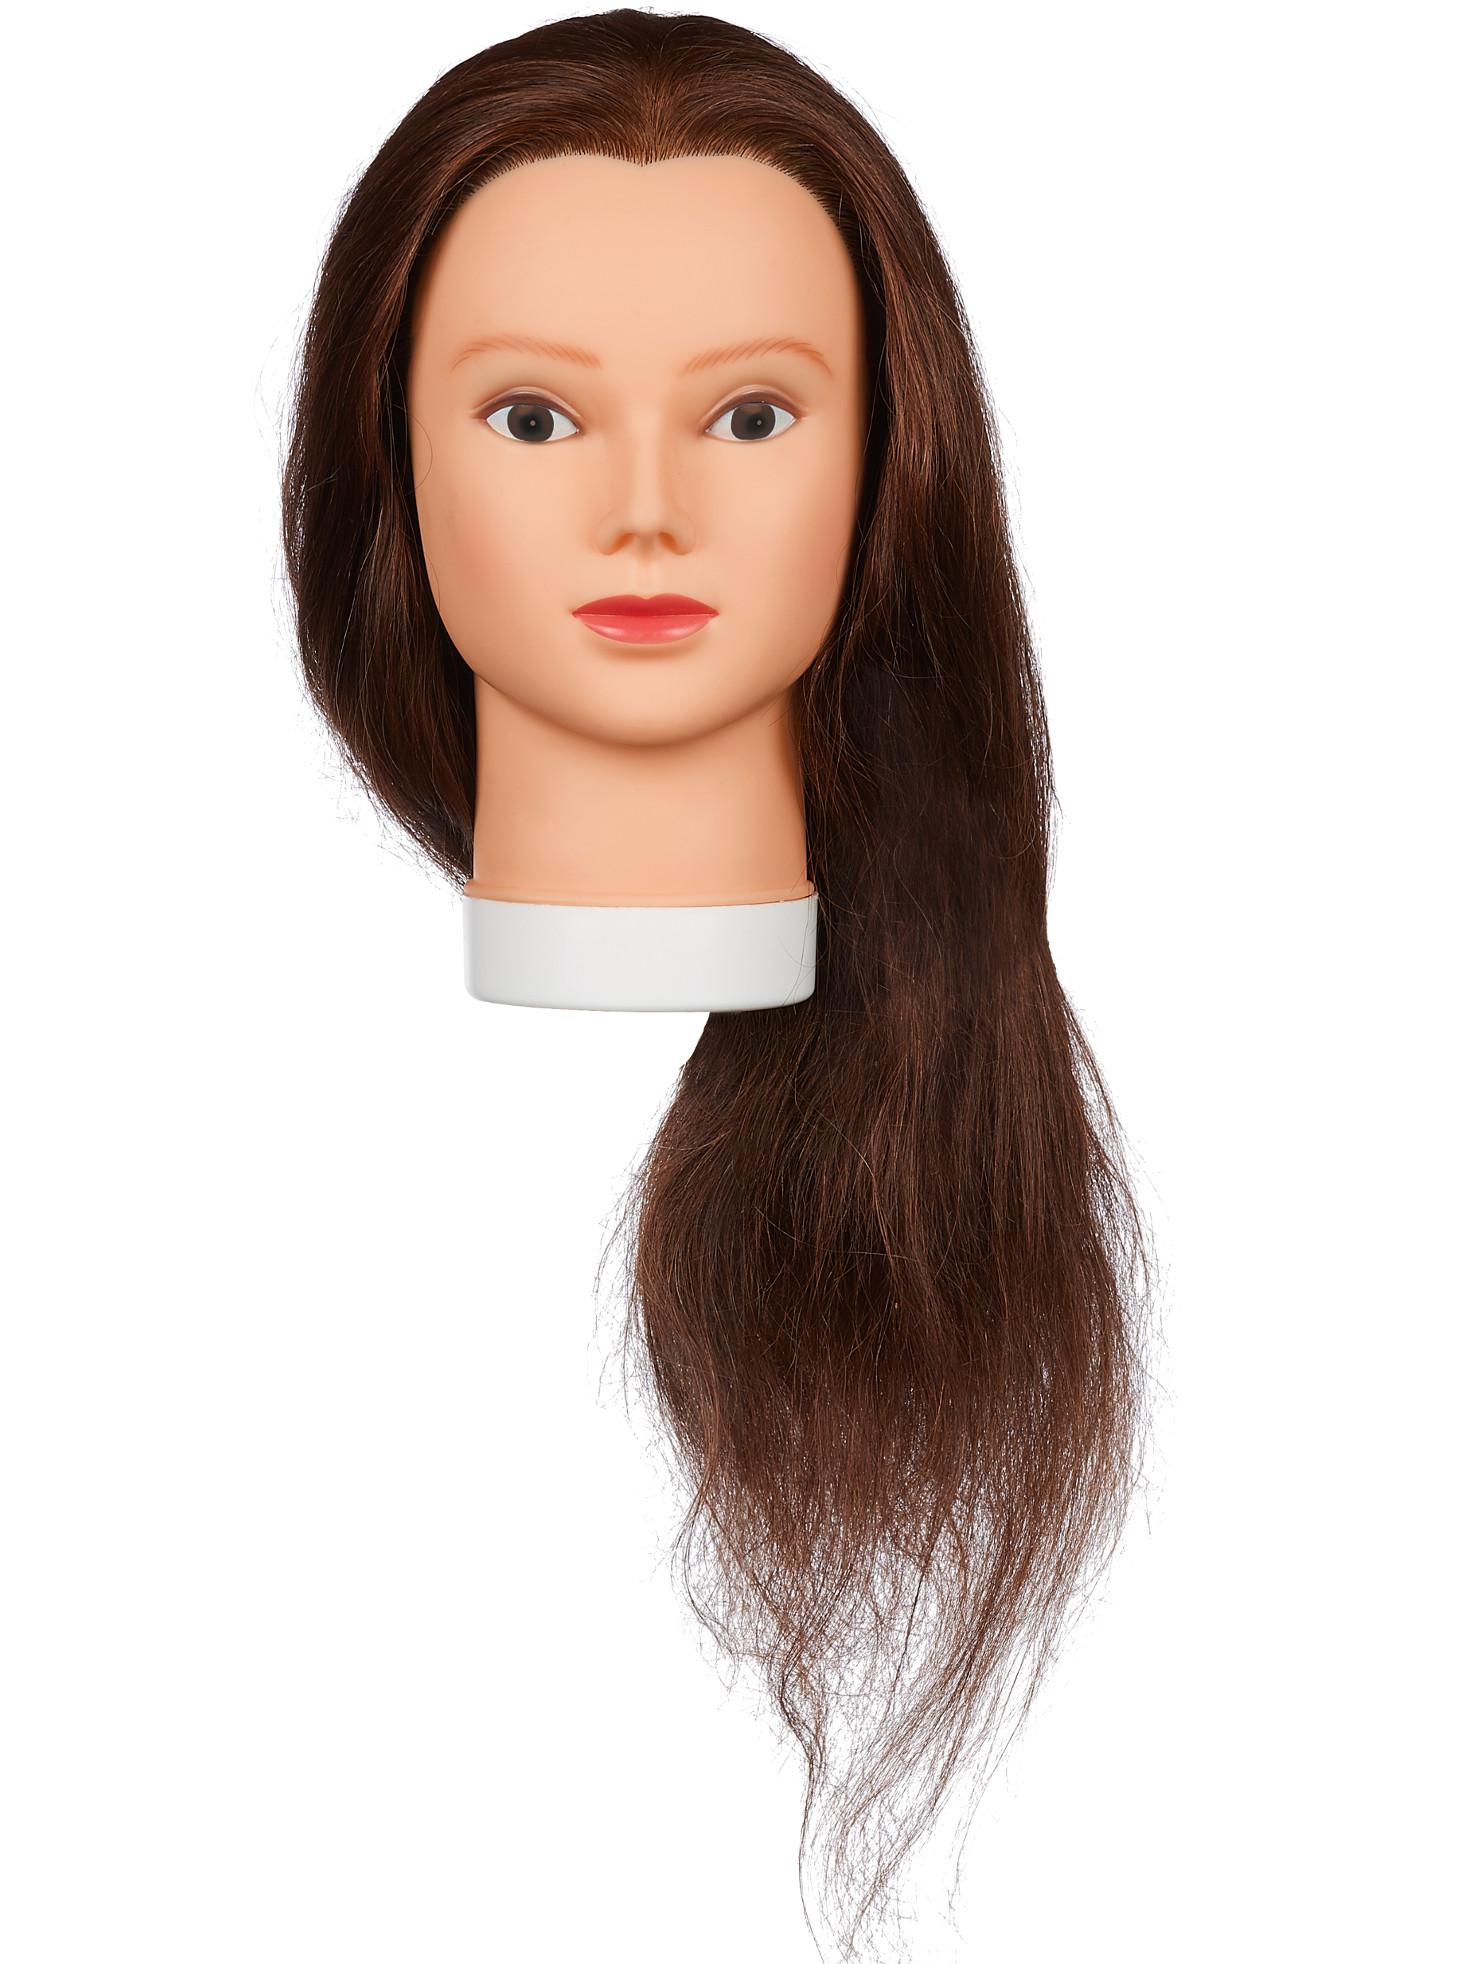 Cvičná hlava dámská s přírodními vlasy ELENA 60, Original Best Buy - hnědé 20 - 60 cm (0030261) + DÁREK ZDARMA